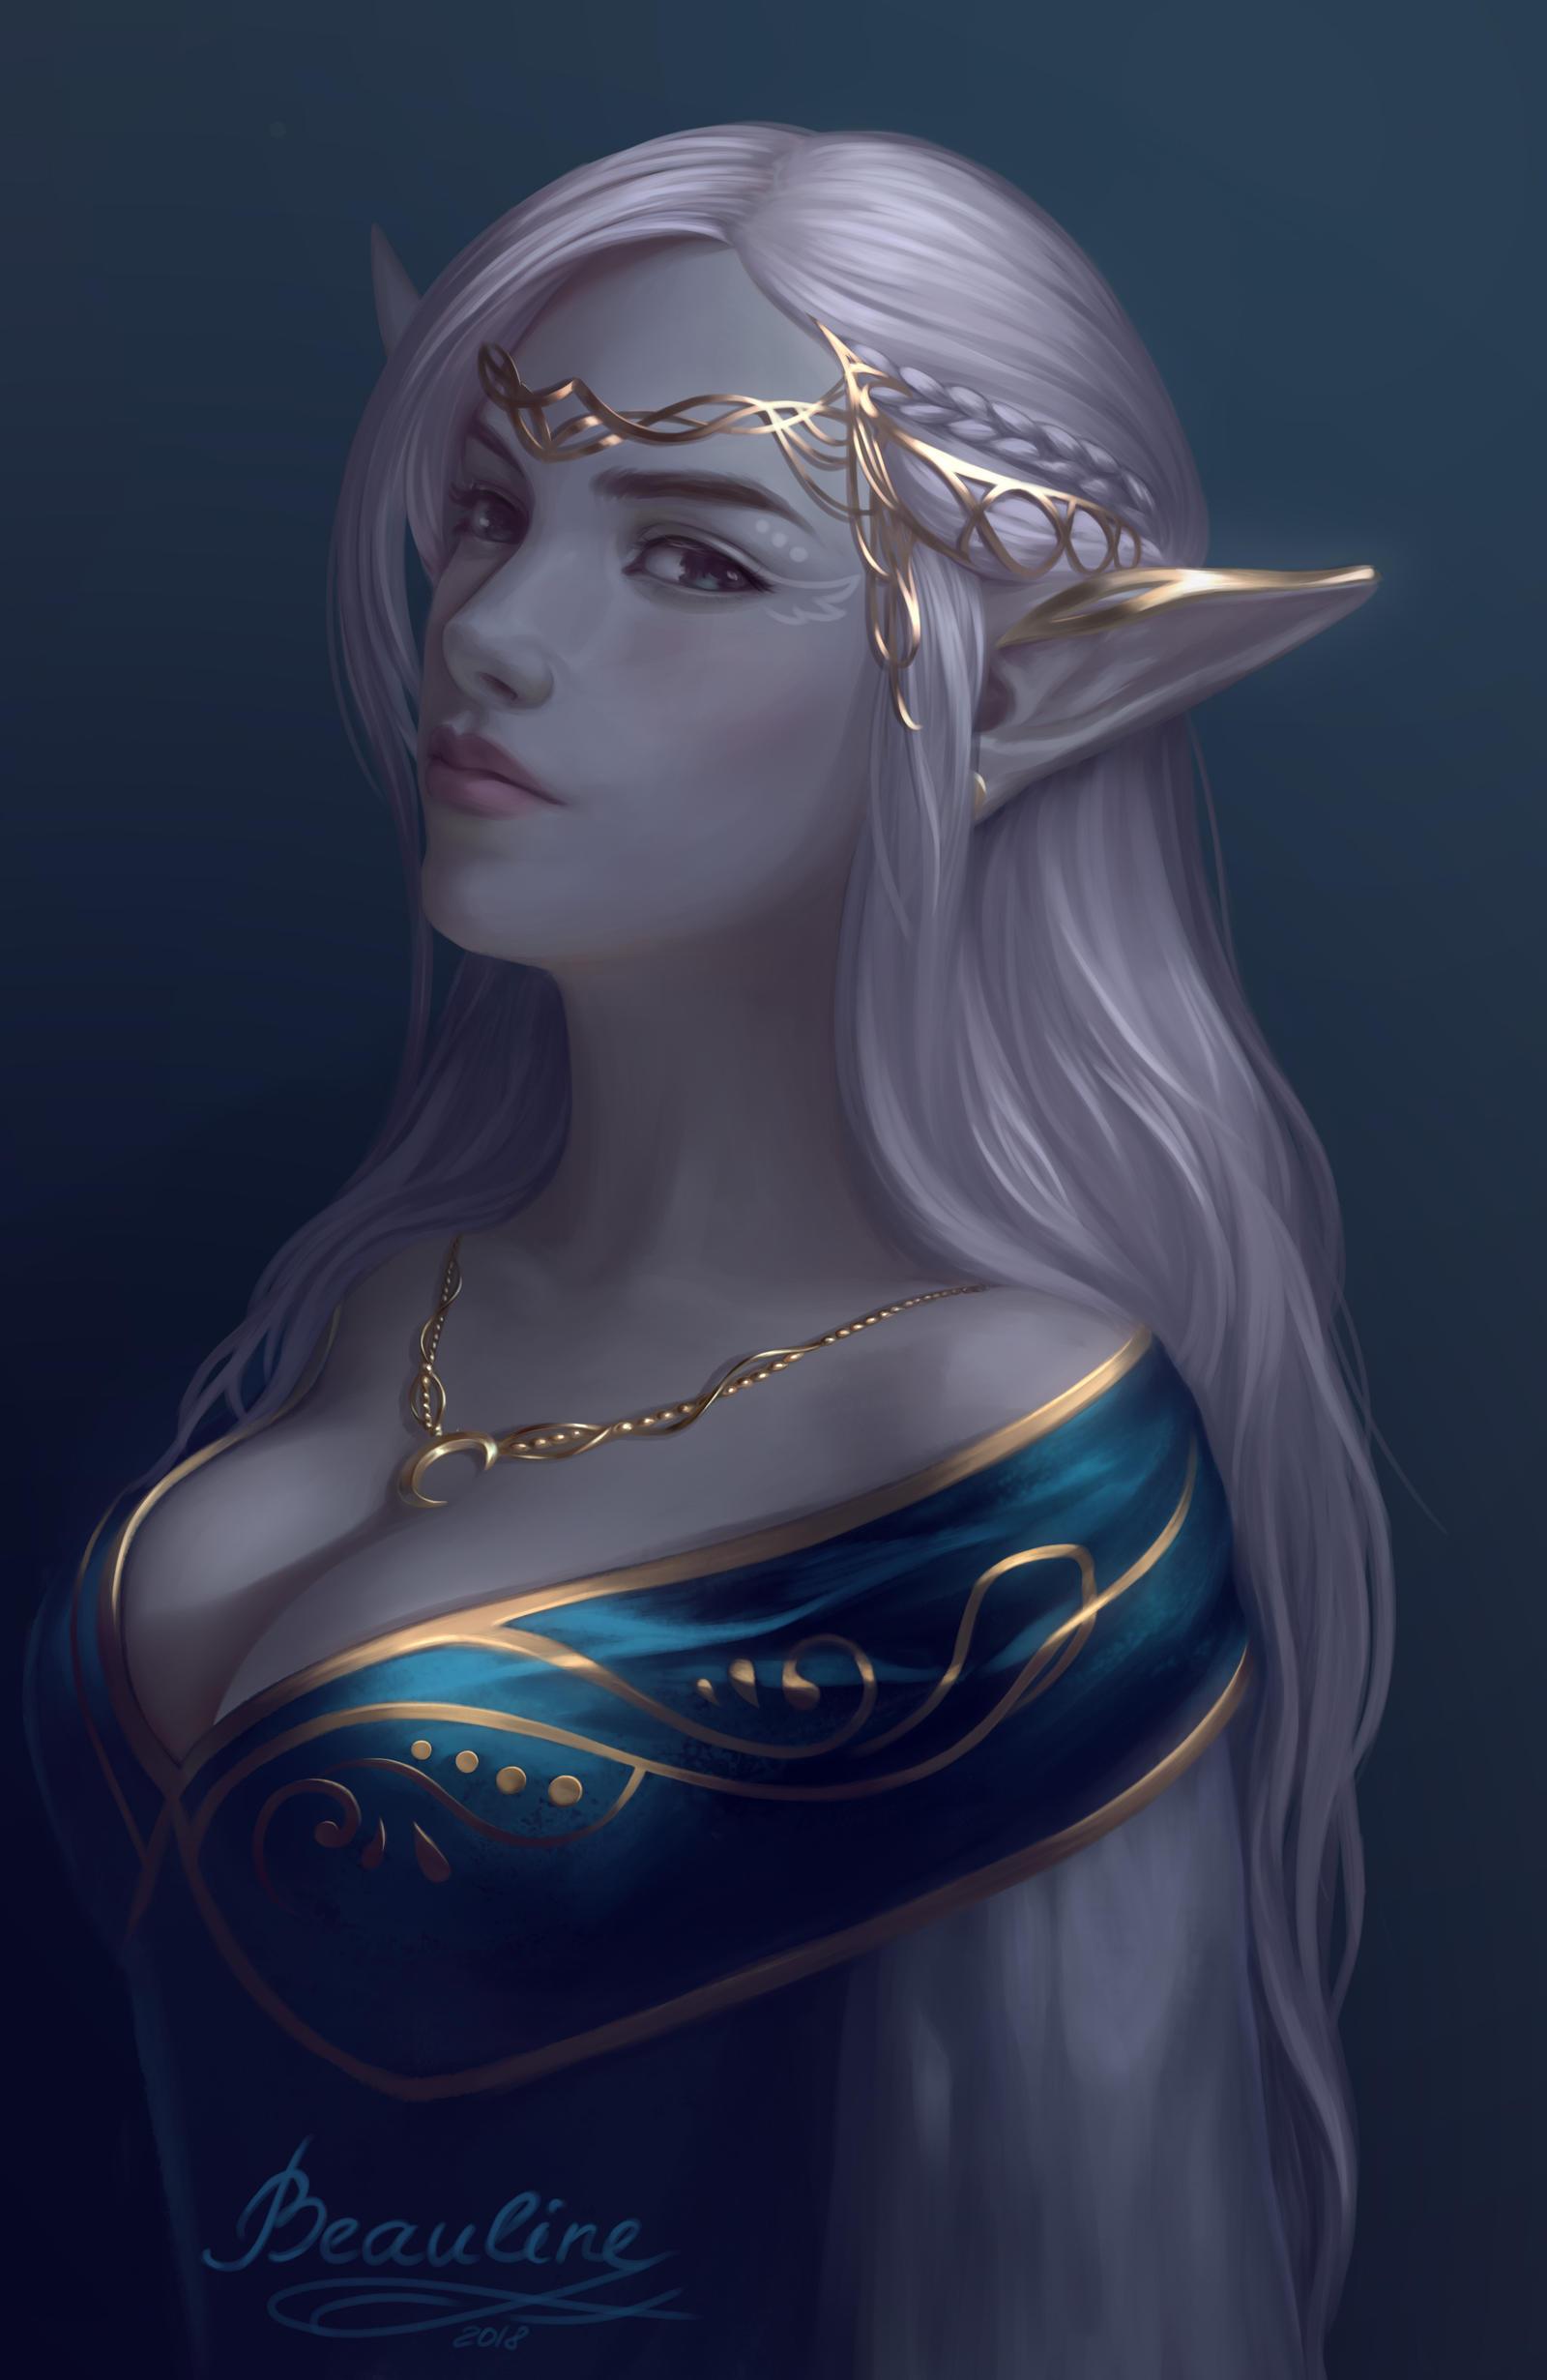 Dark Elf by Beauline on DeviantArt